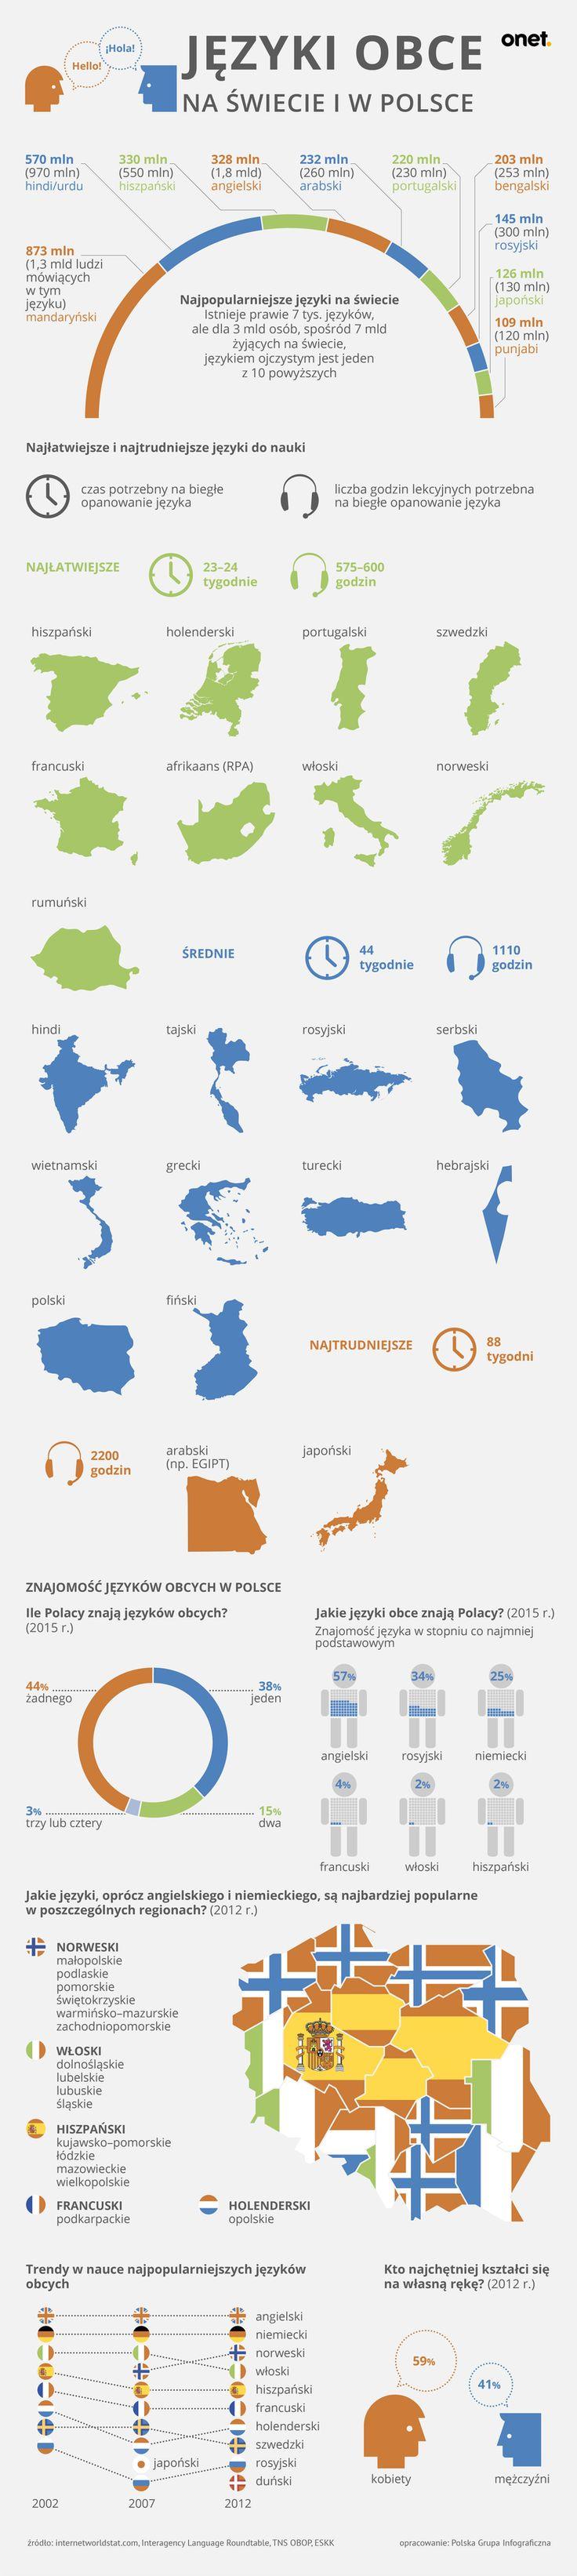 Języki obce - infografika